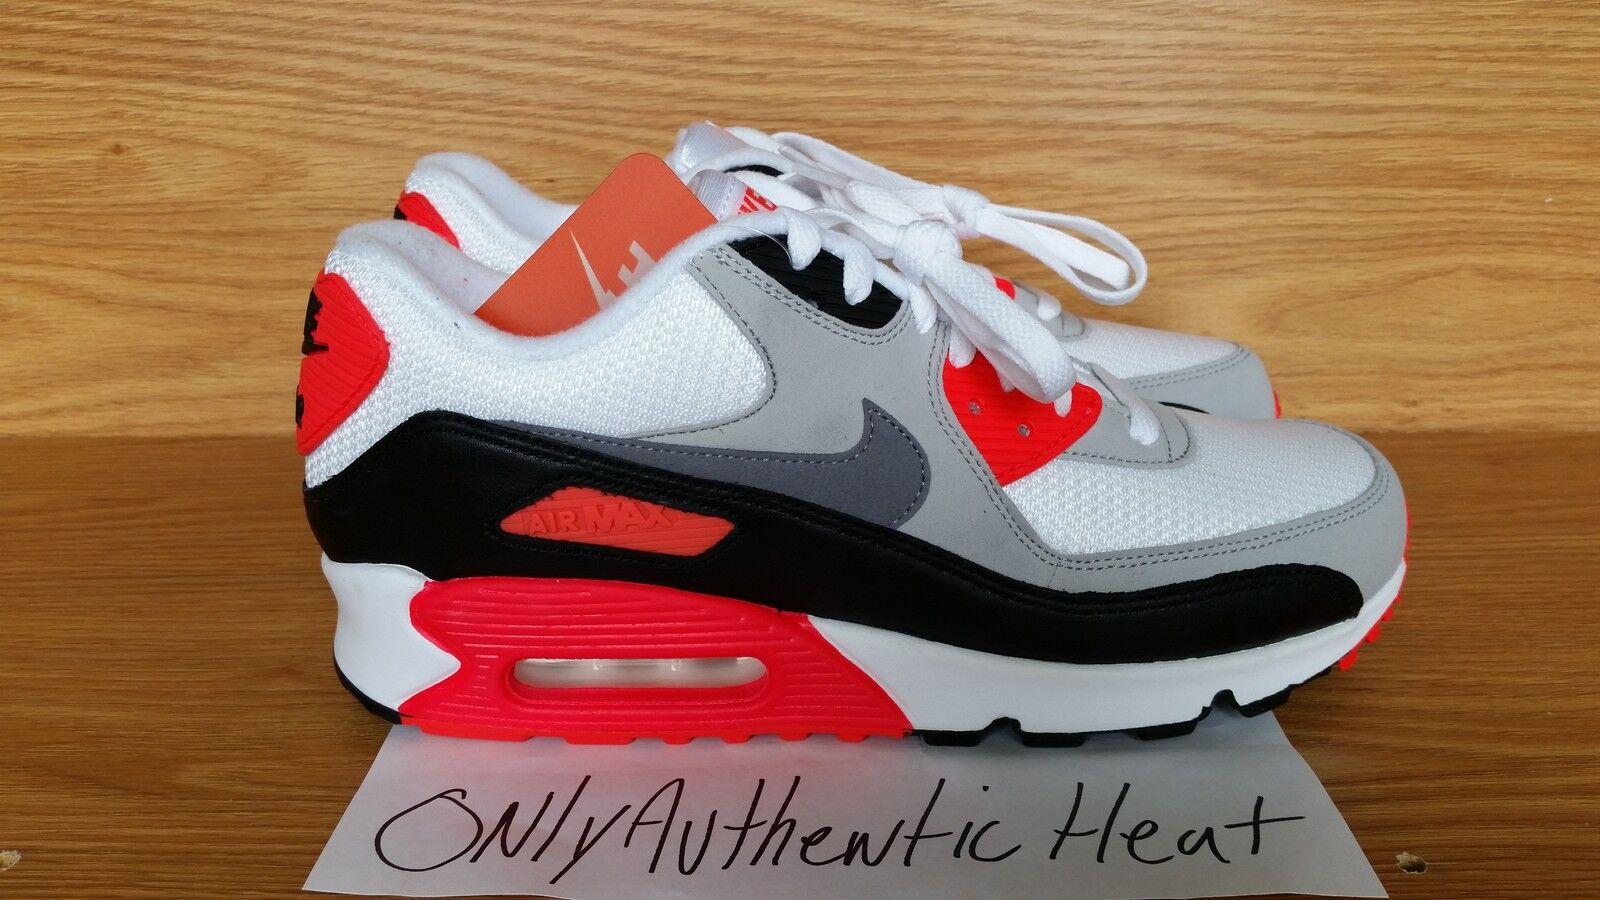 Nike Air Max 90 OG 725233-106 PENNY JORDAN 97 95 1 2 3 4 5 6 7 8 9 10 11 13 14